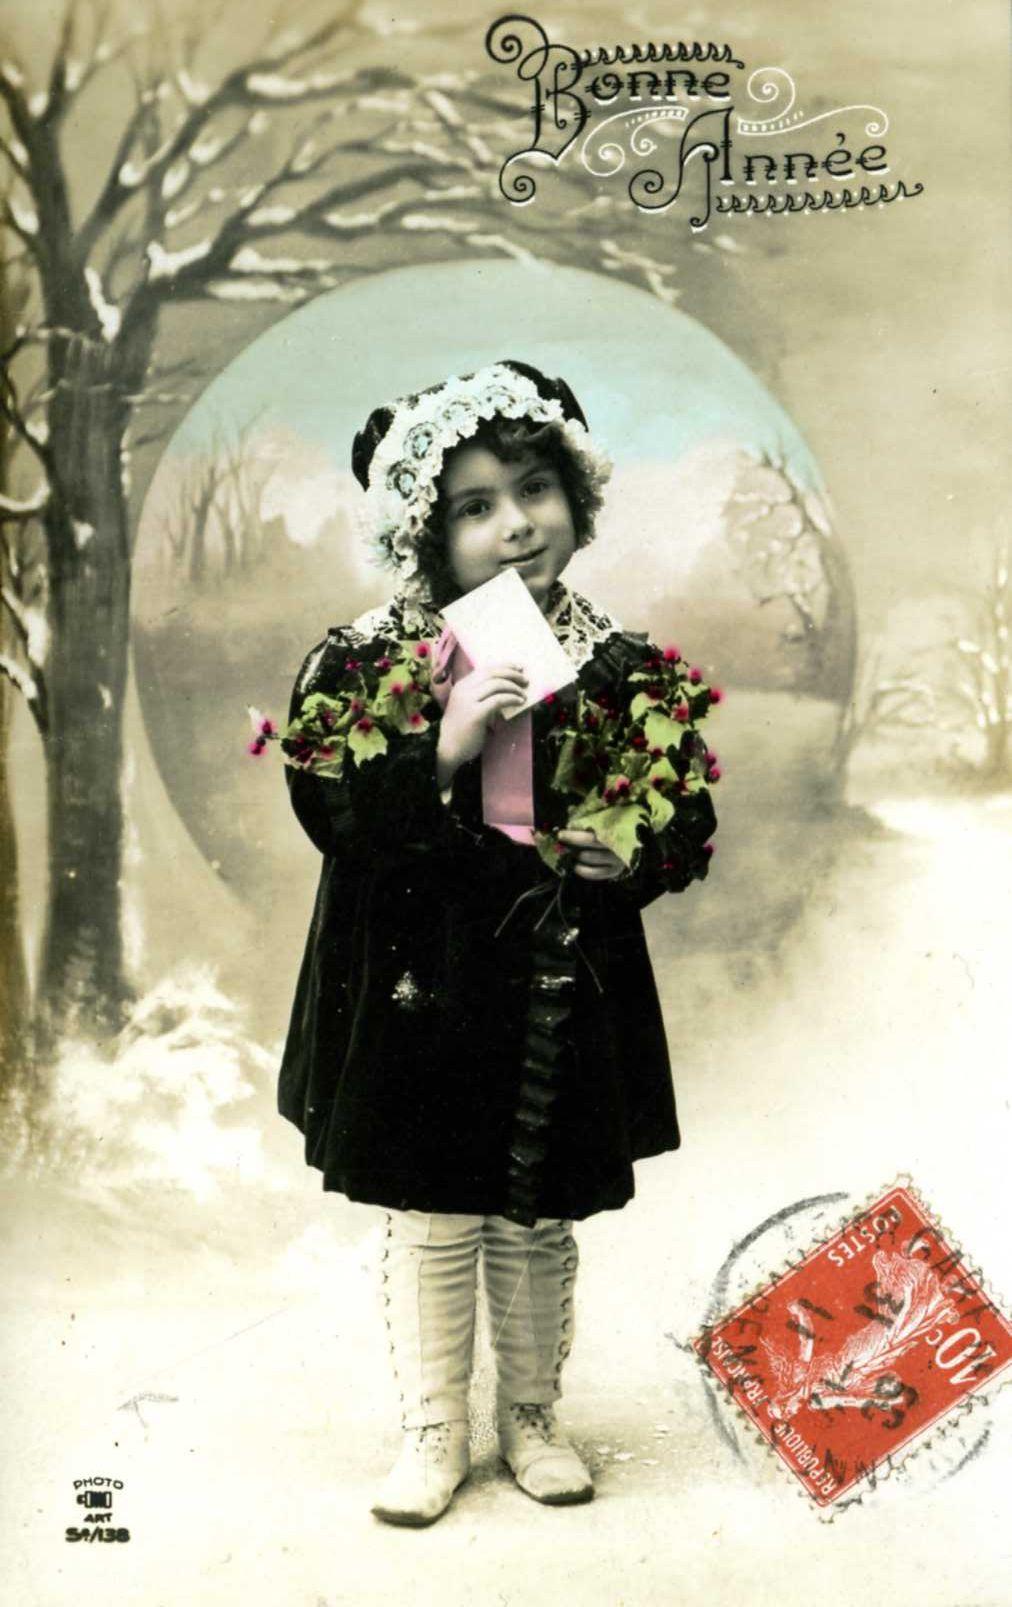 Vanha postikortti 1900-luvun alusta